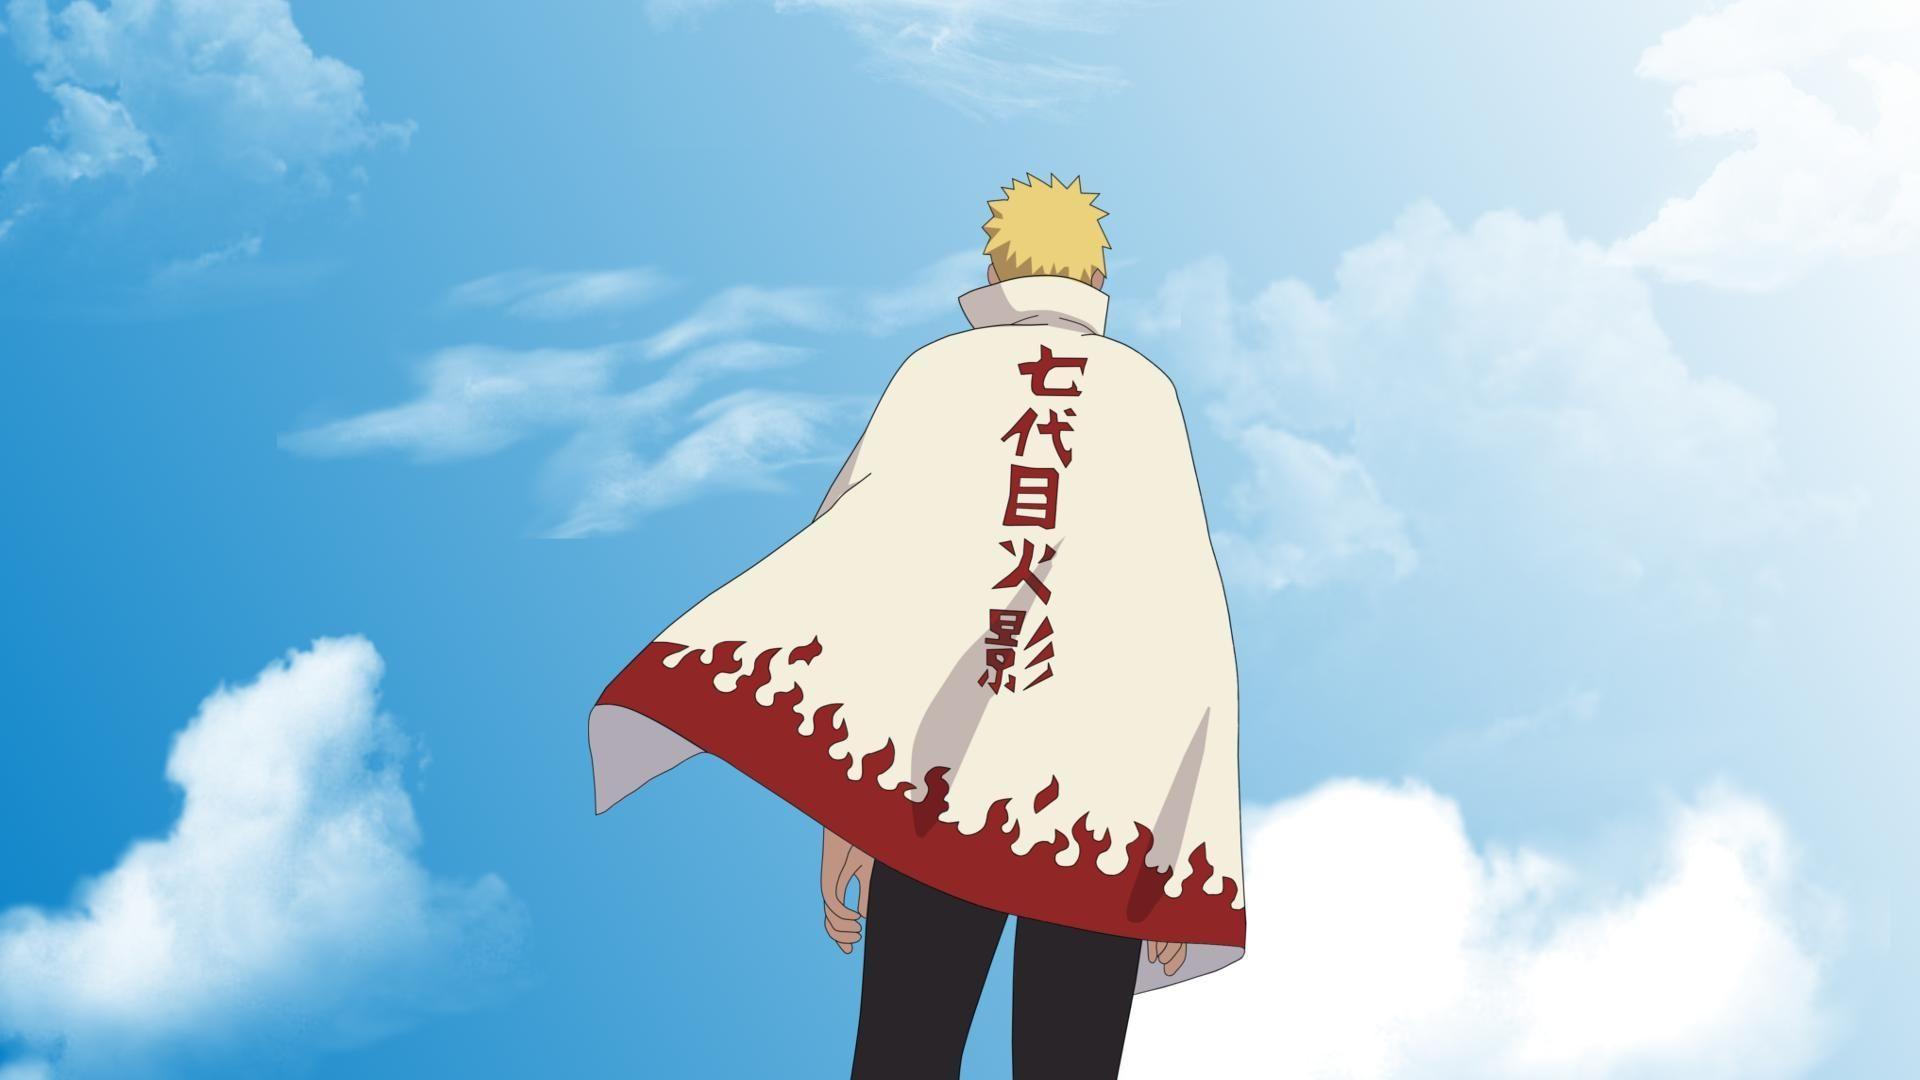 Naruto Hokage Wallpapers   Top Naruto Hokage Backgrounds 1920x1080